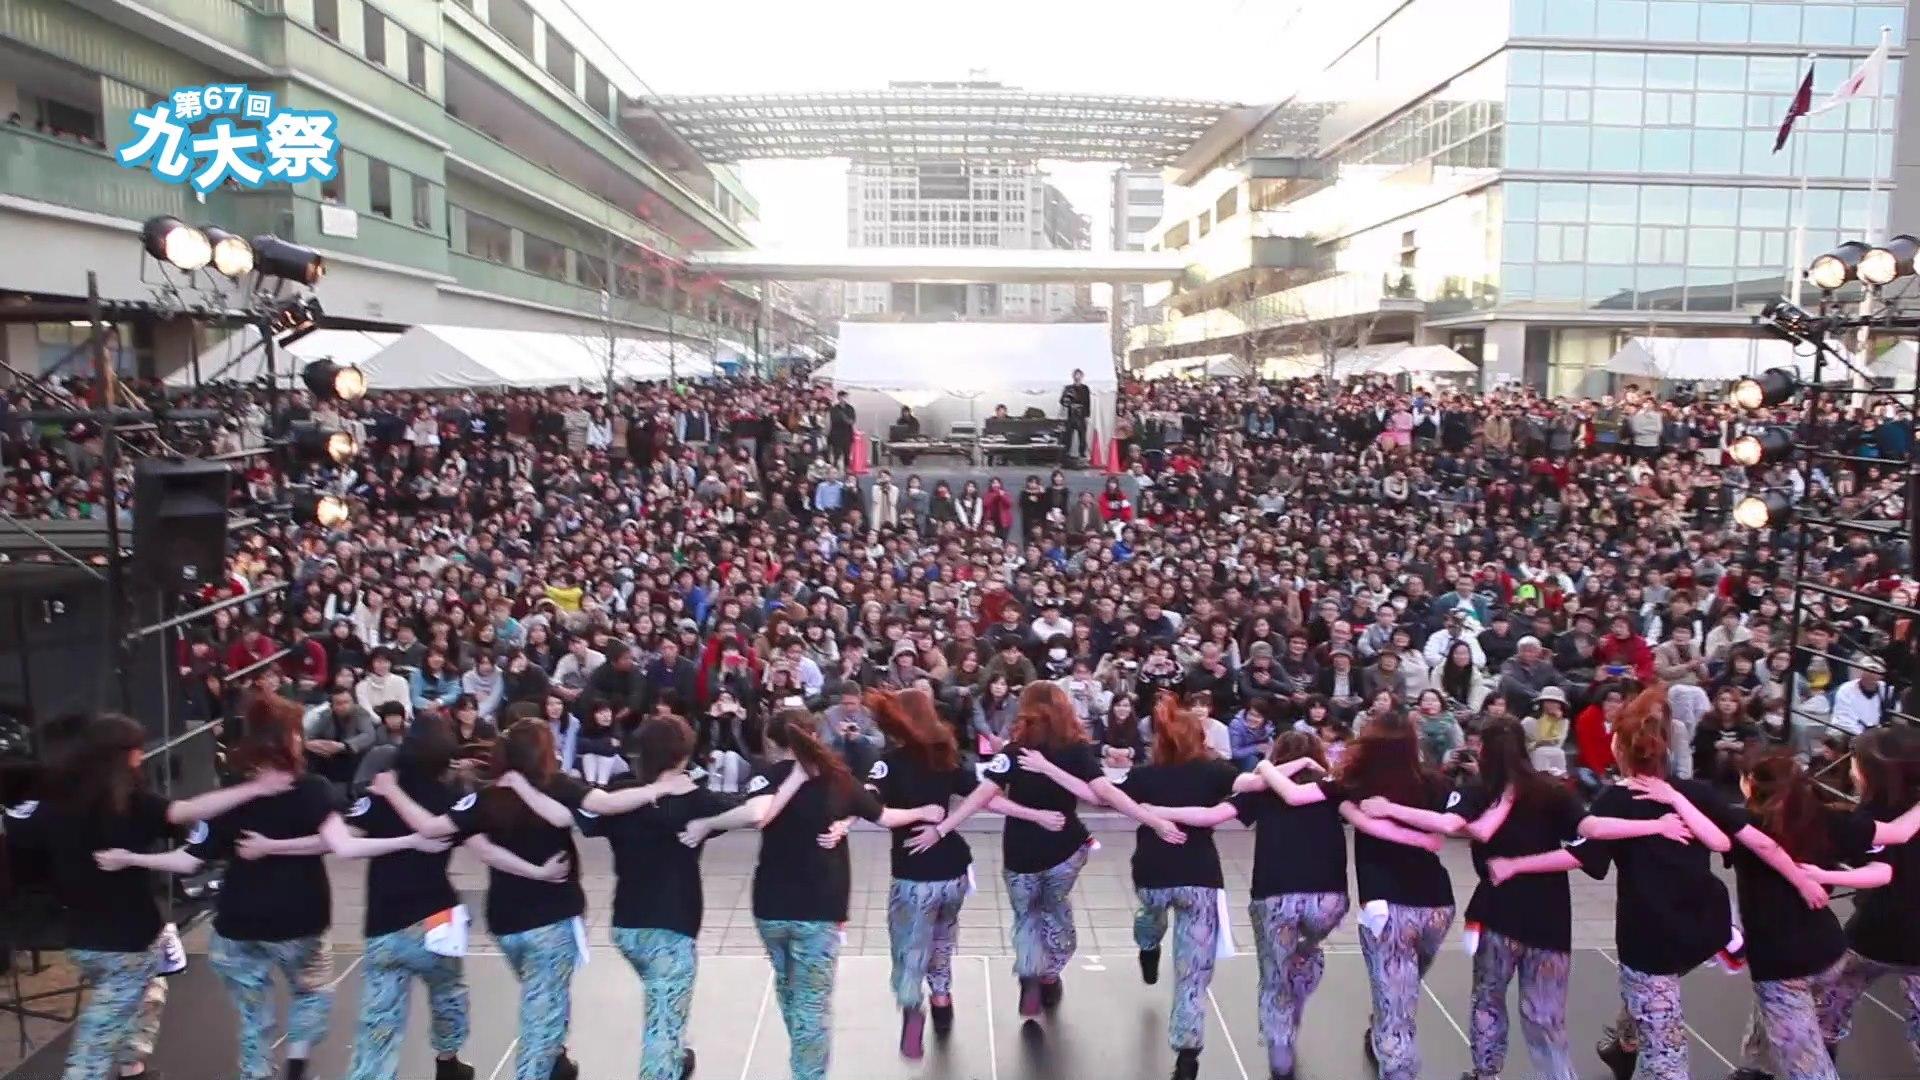 第67回 九州大学学祭.mov_000476377